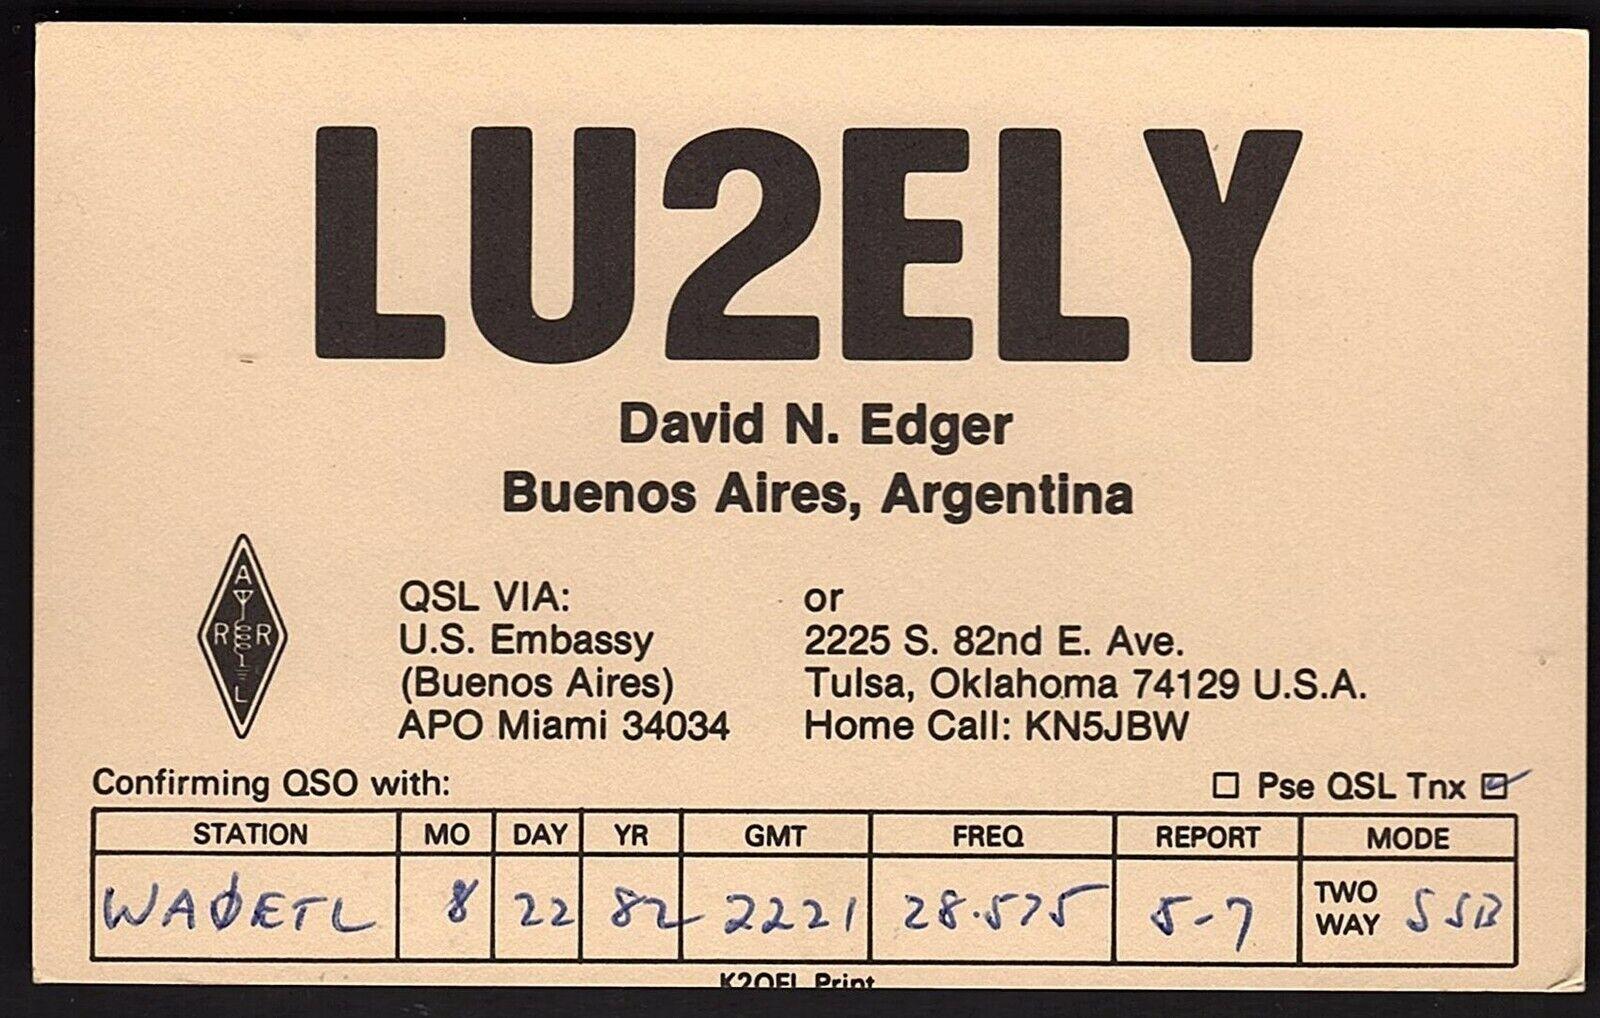 QSL QSO RADIO CARD LU2ELY,David N. Edger, Buenos Aires, Argentina (Q2157)